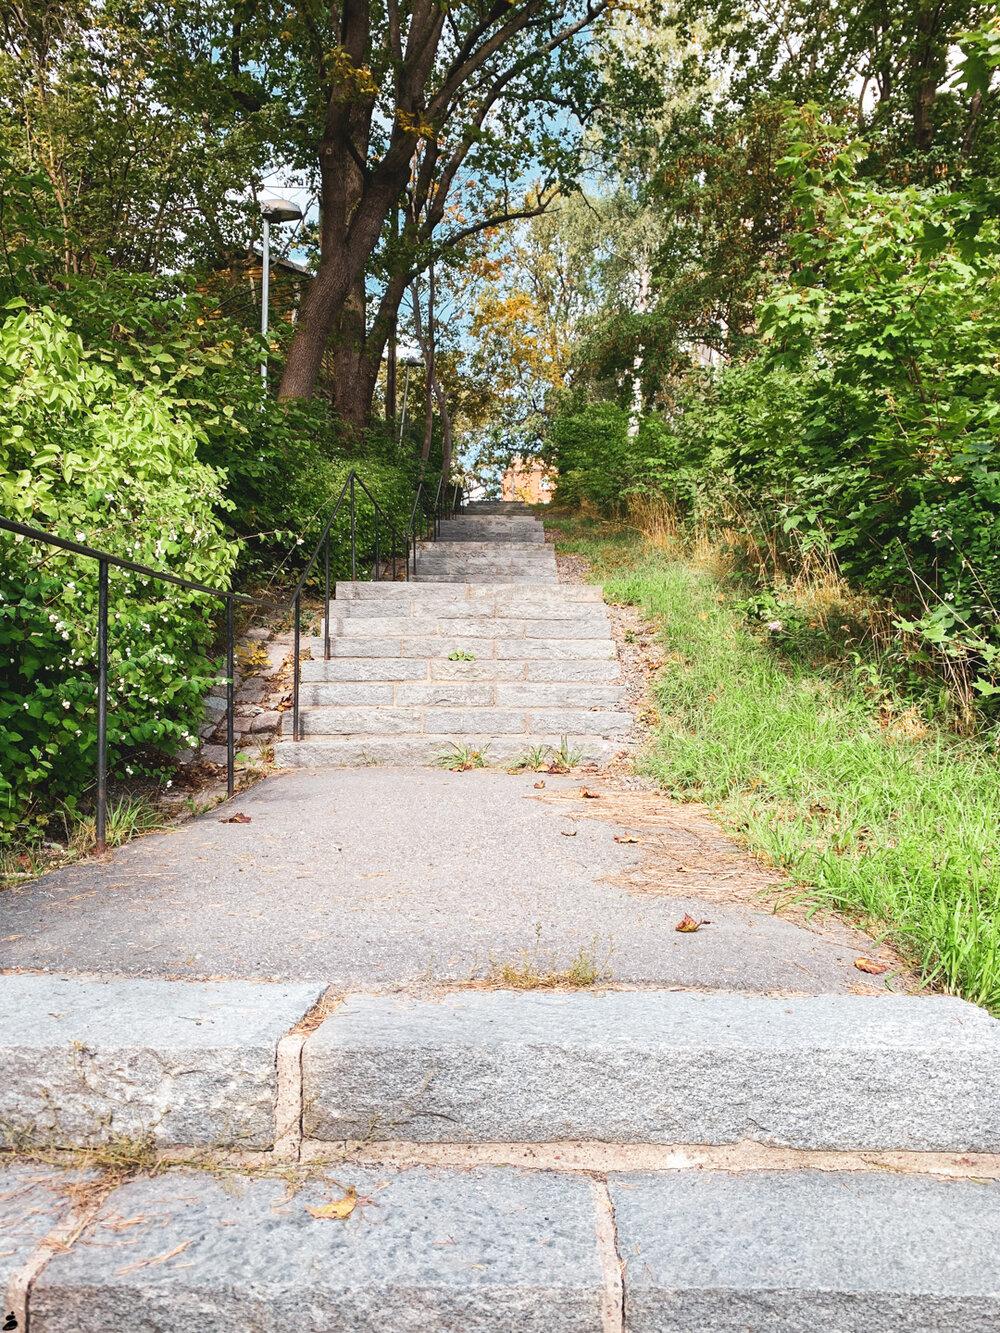 Hittade en trappa som är optimal för intervallträning. Kanske får komma hit nästa gång?